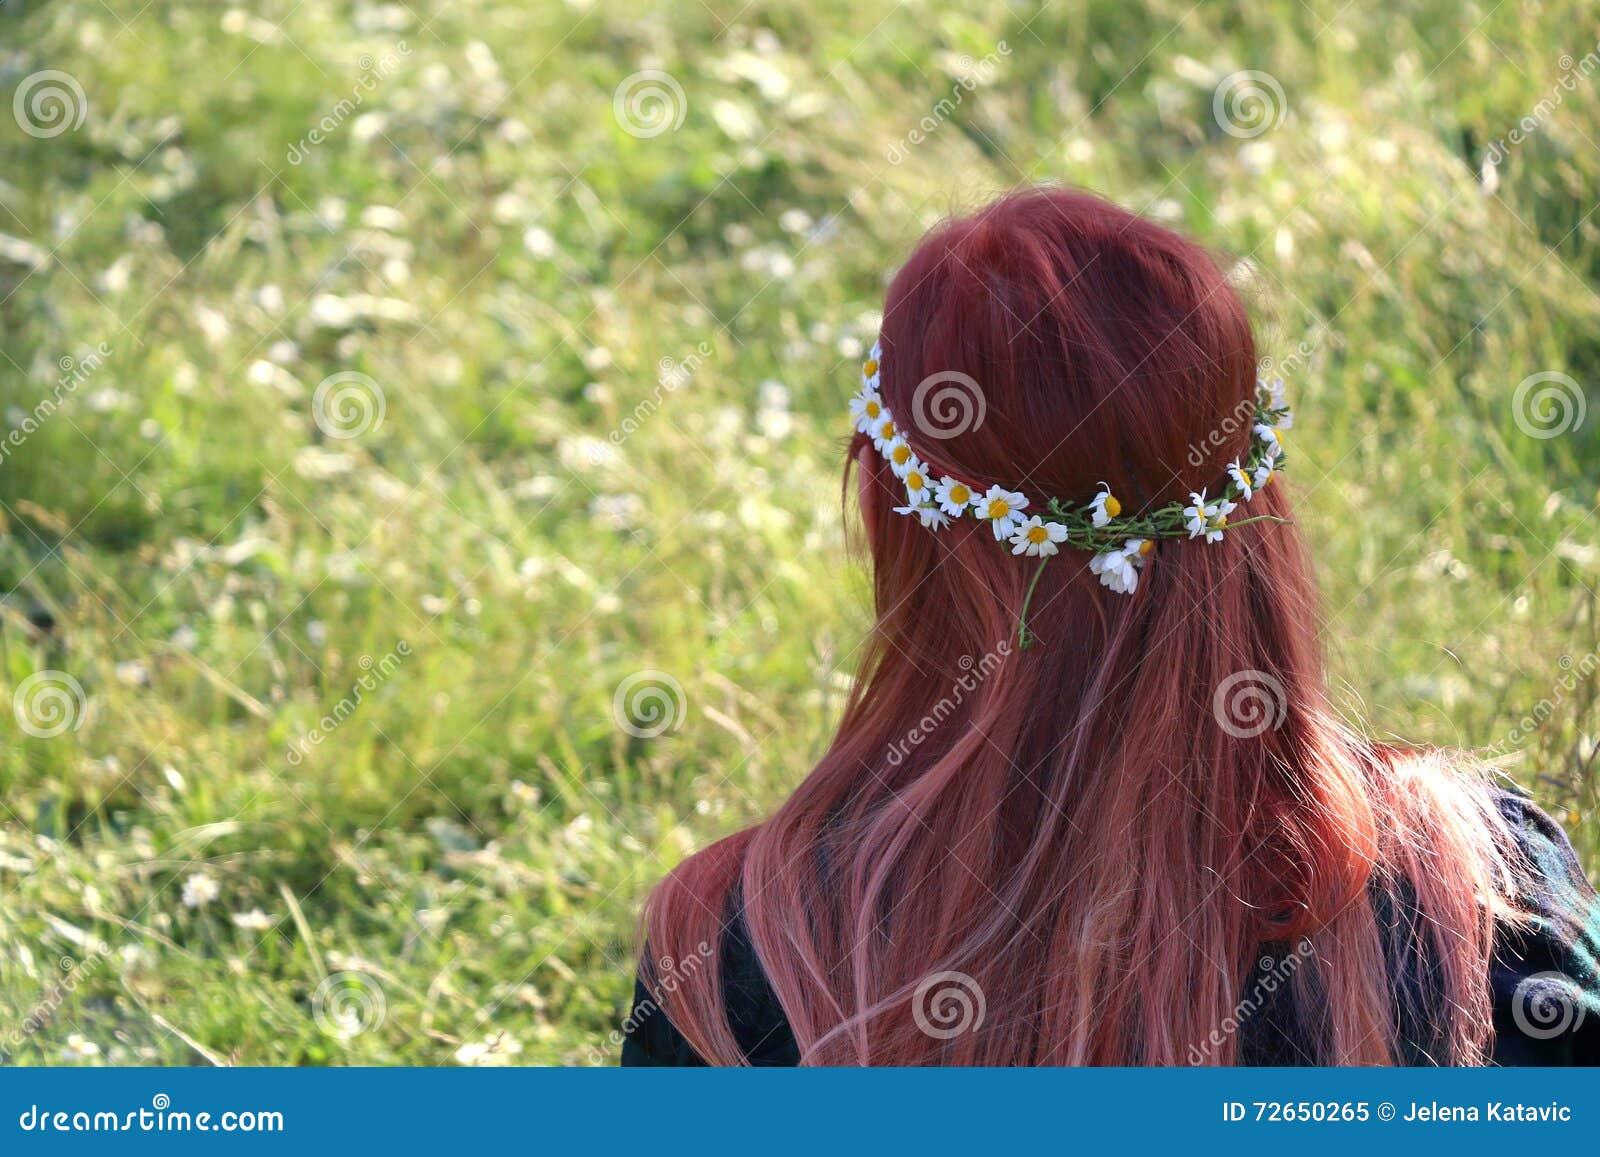 Corona del fiore